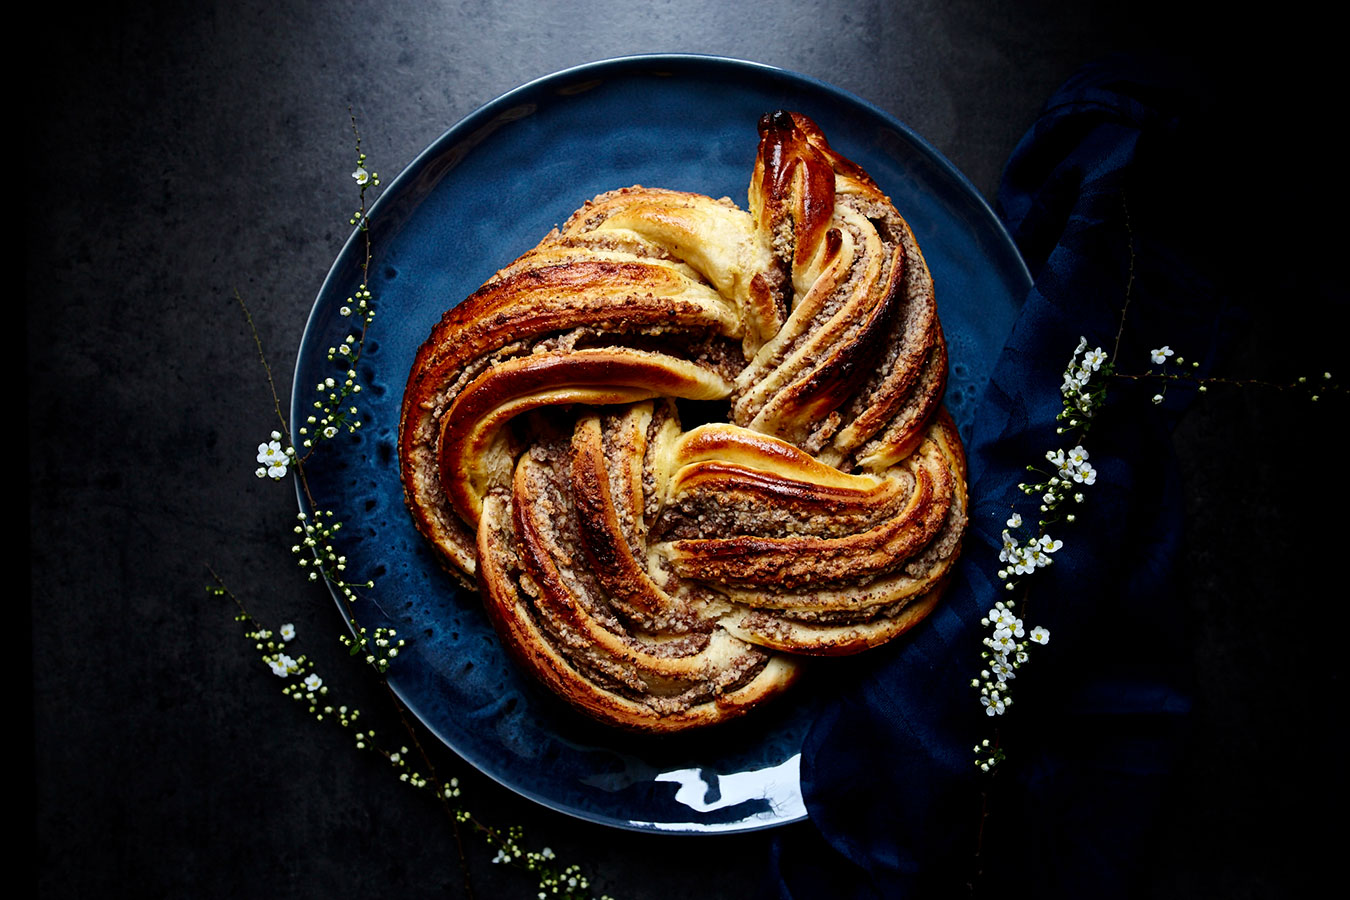 foodfotografie-Hefe-Nuss-Zopf